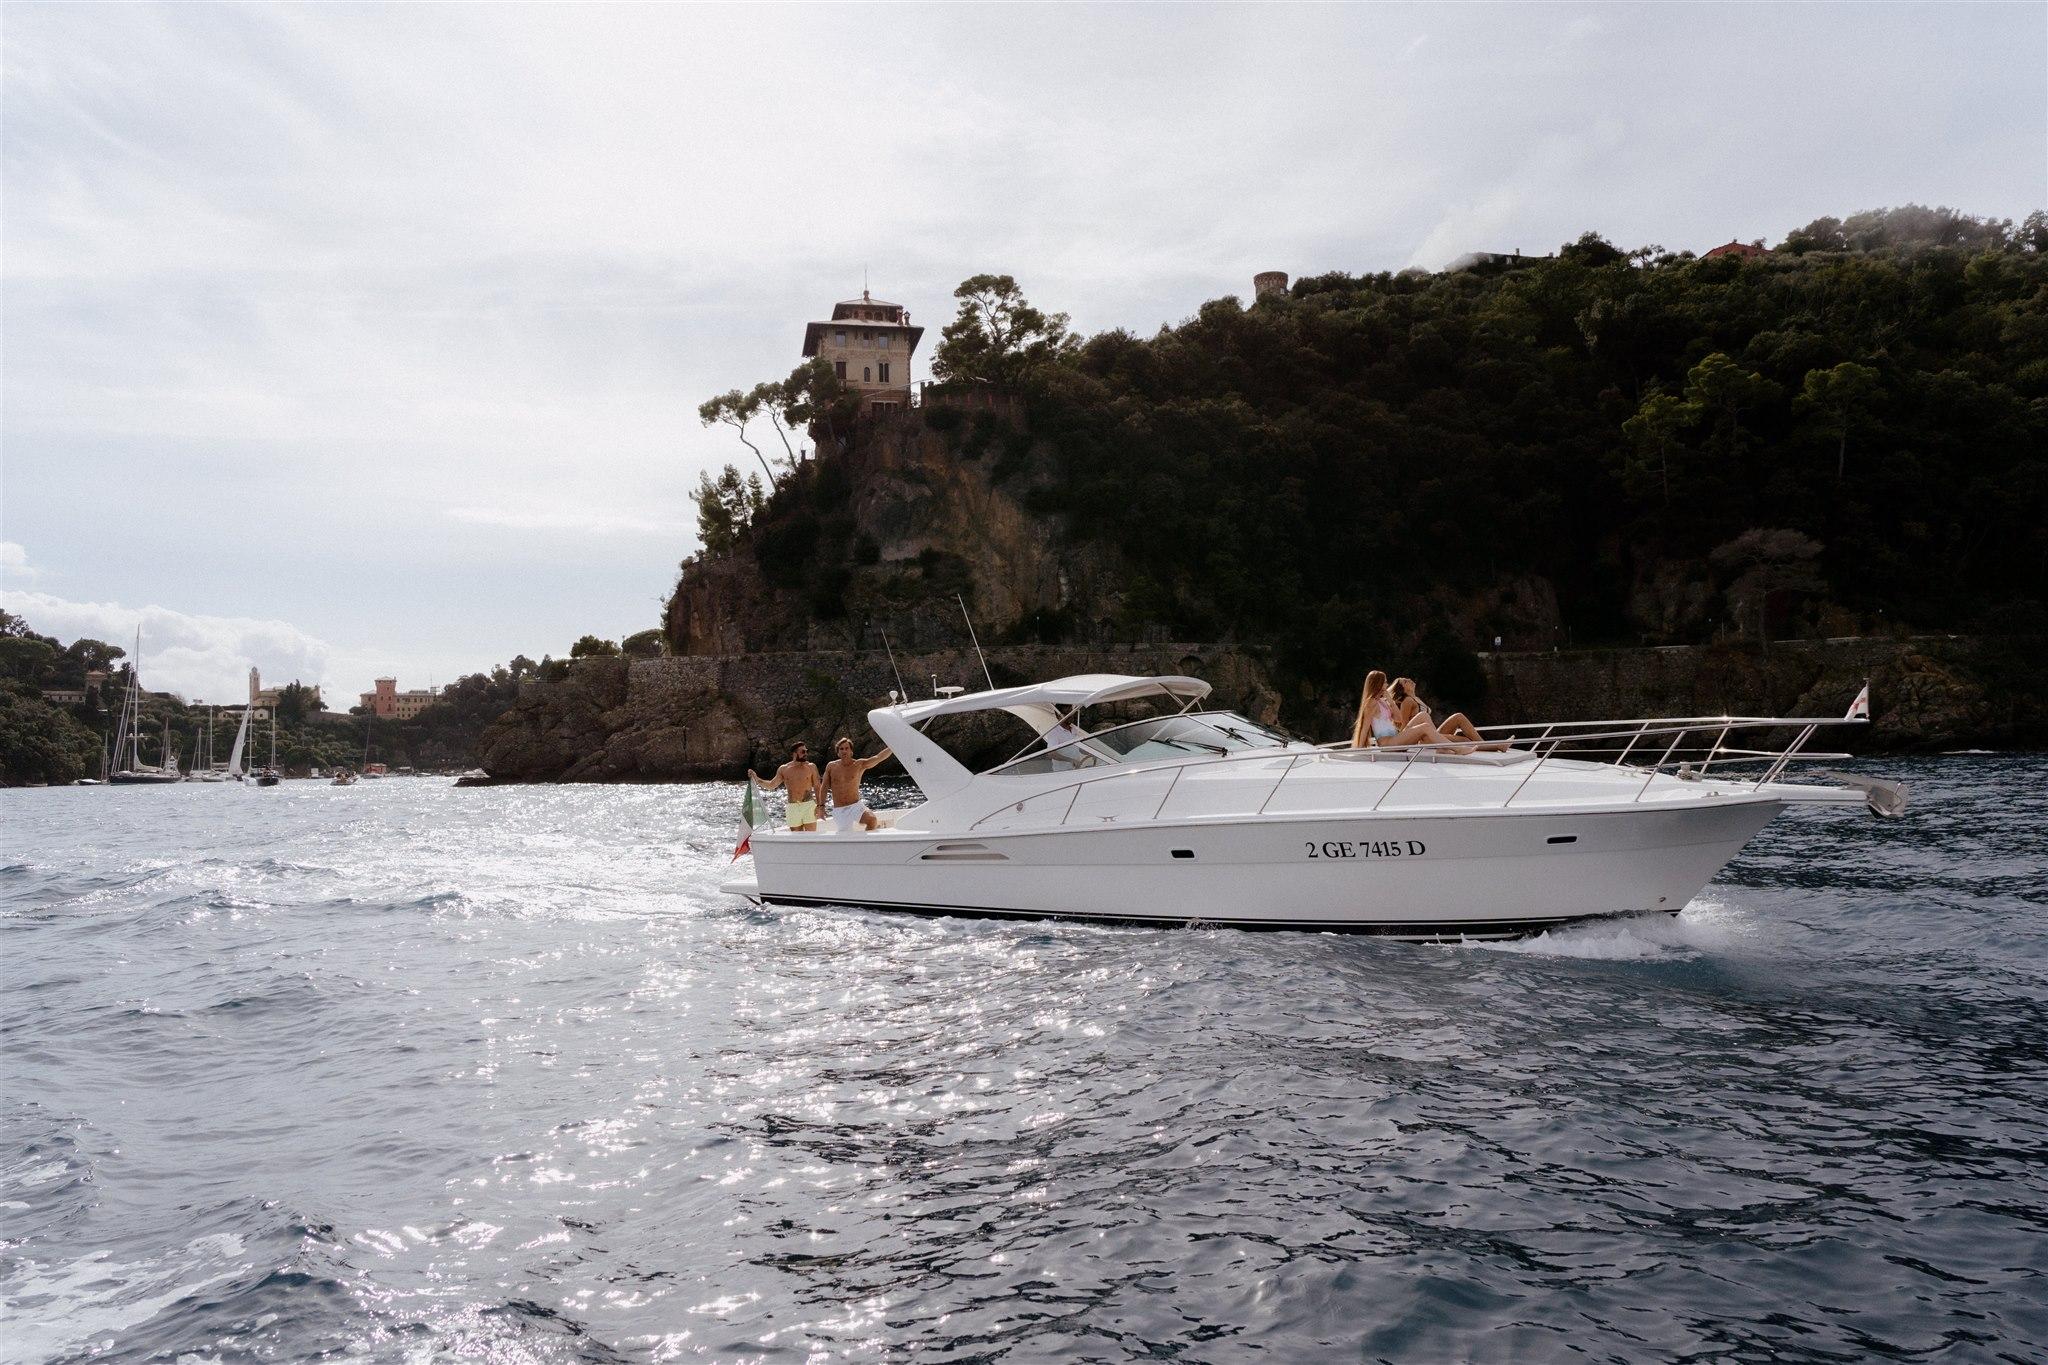 Cesare Charter Portofino - imbarcazione per maritime, charter e transfer marittimi